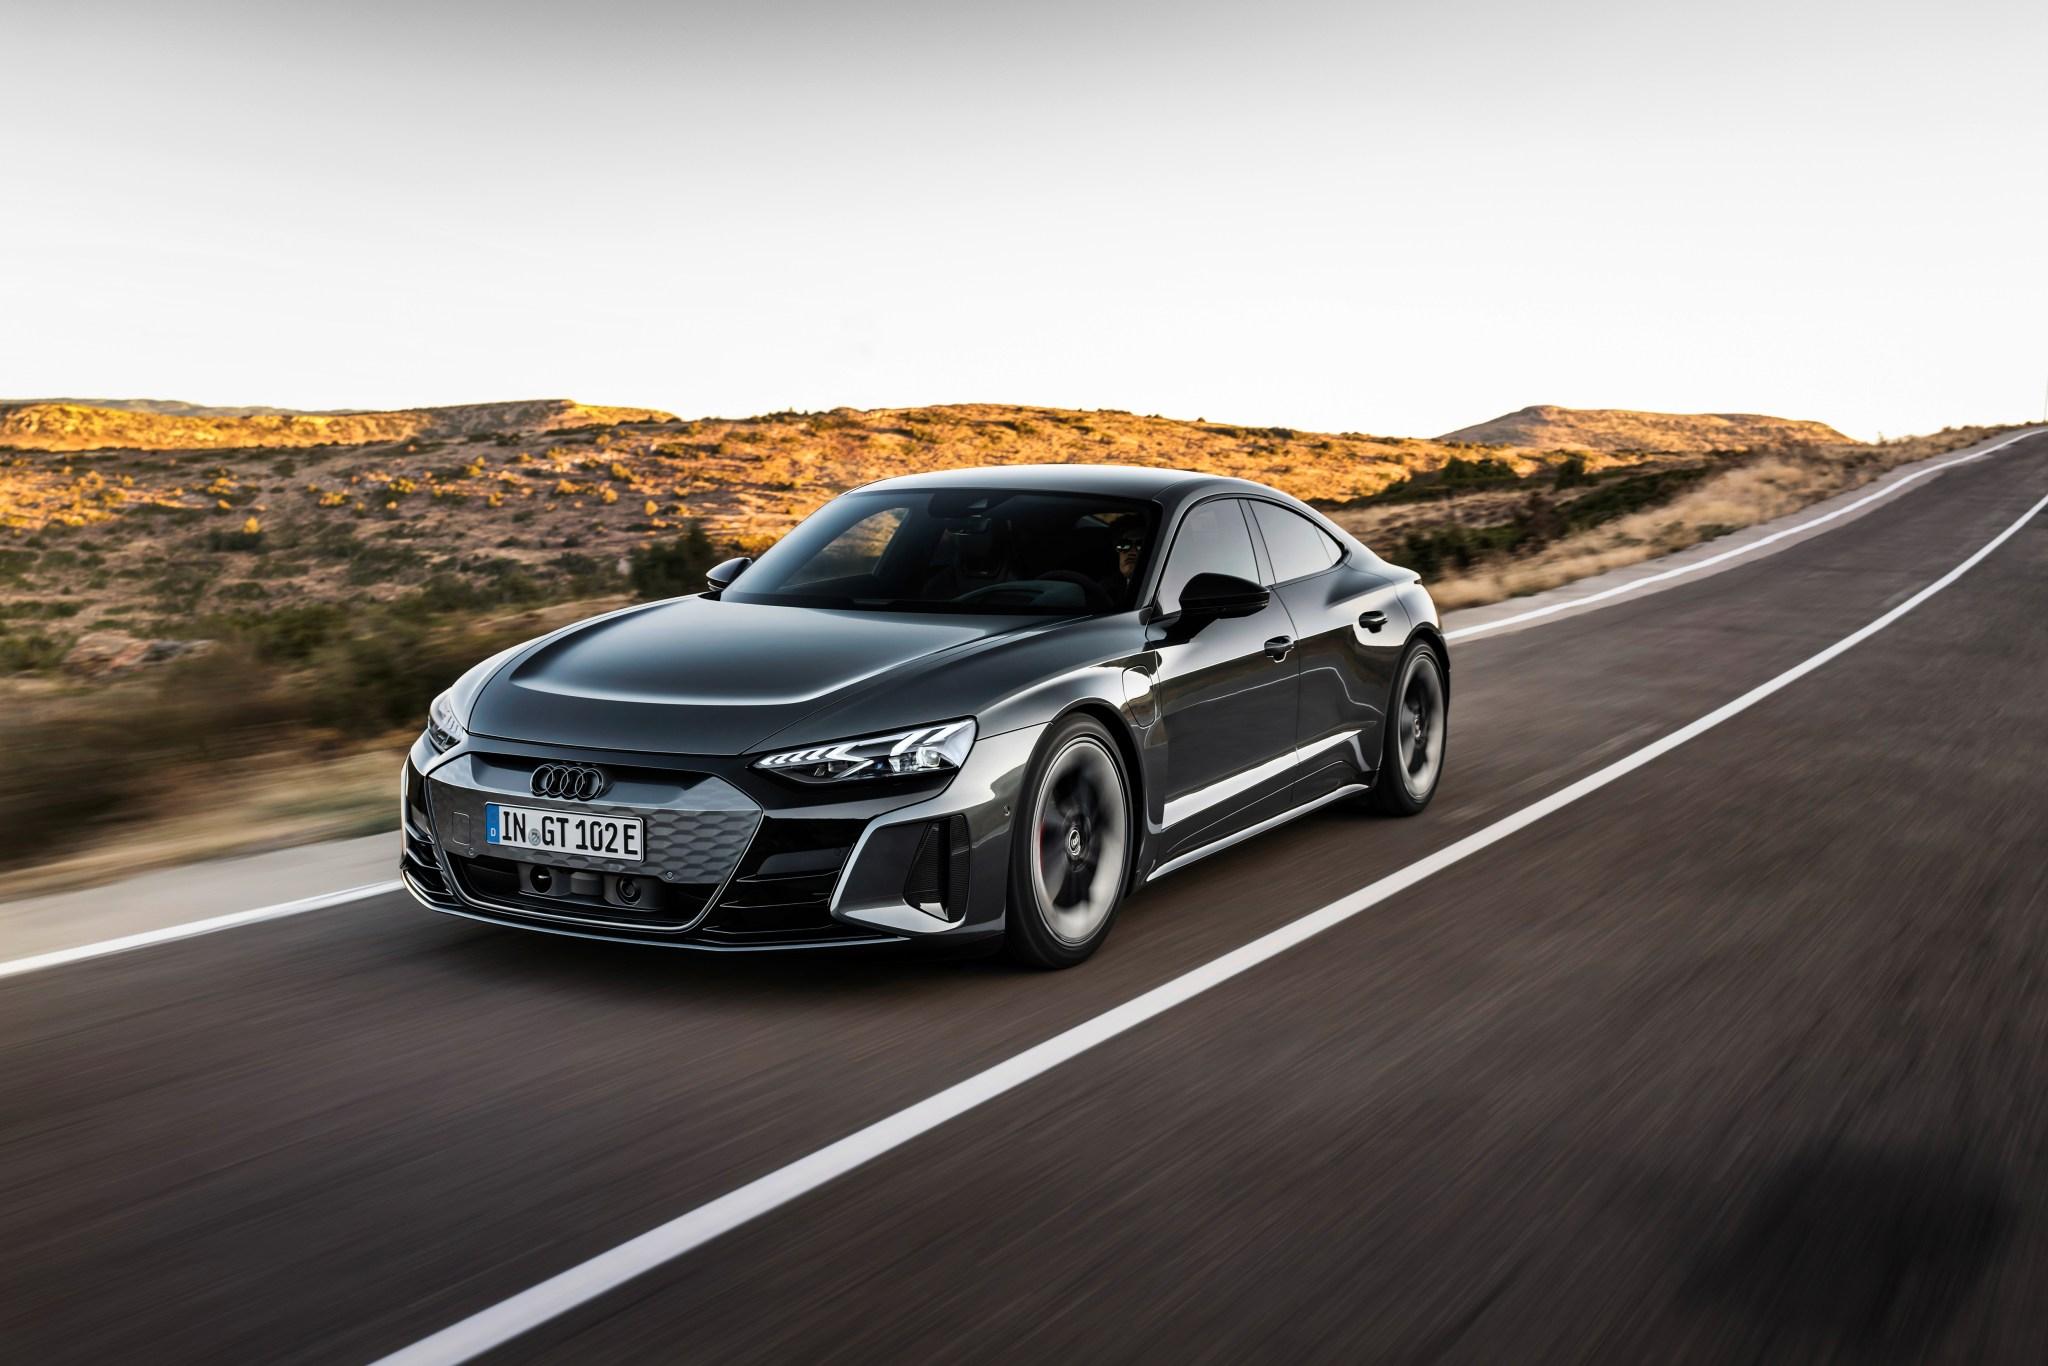 La nouvelle e-tron GT 2022 d'Audi est une véritable berline électrique de performance, pas seulement un autre multisegment électrifié